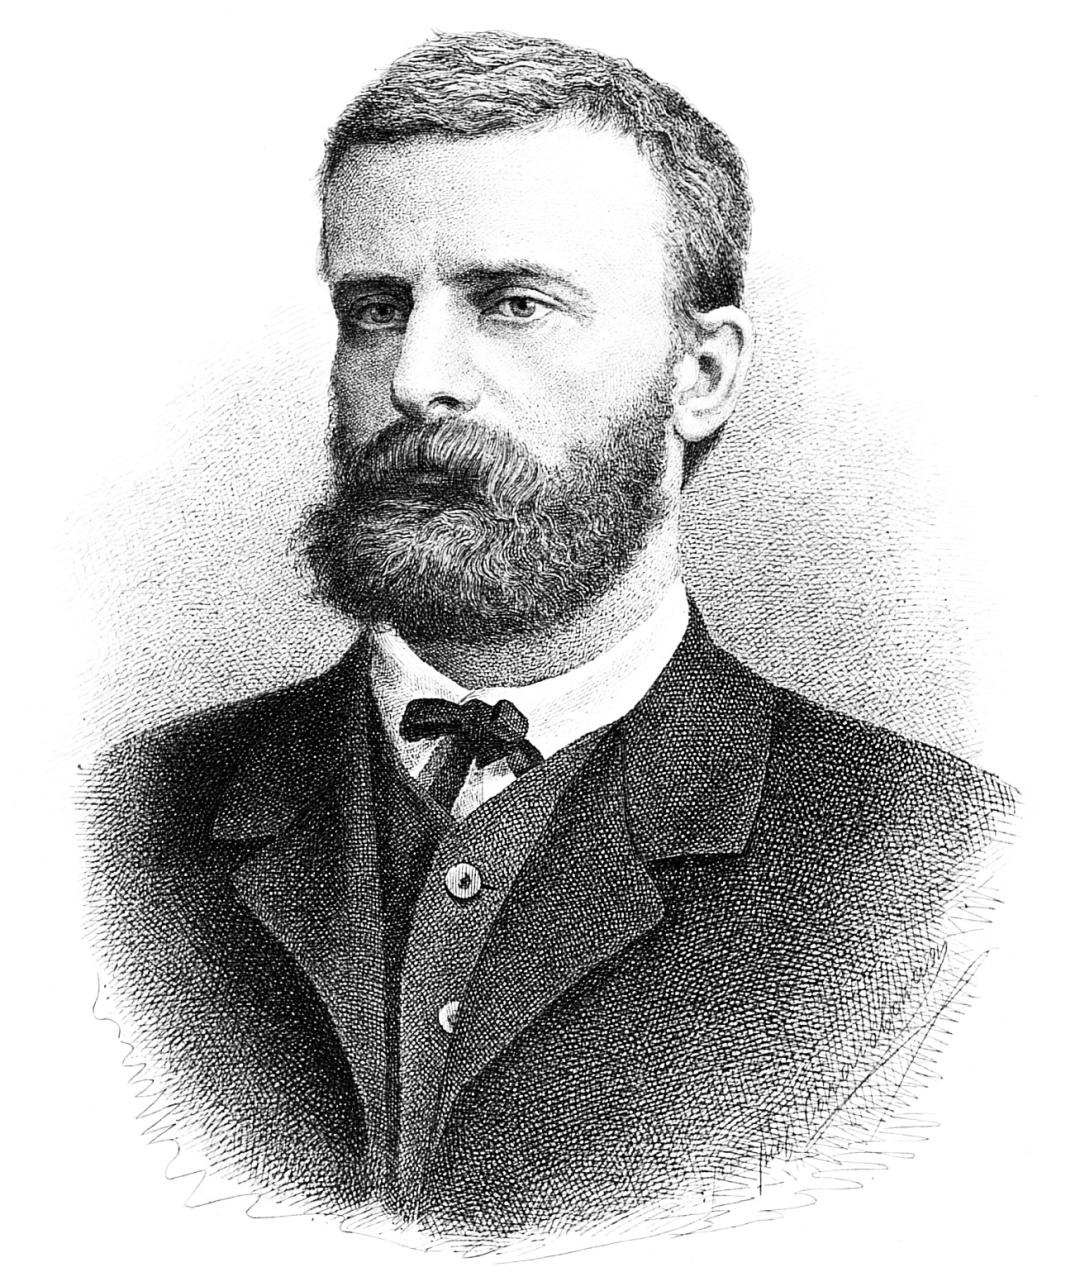 Единственный сын, архитектор Лев Владимирович Даль